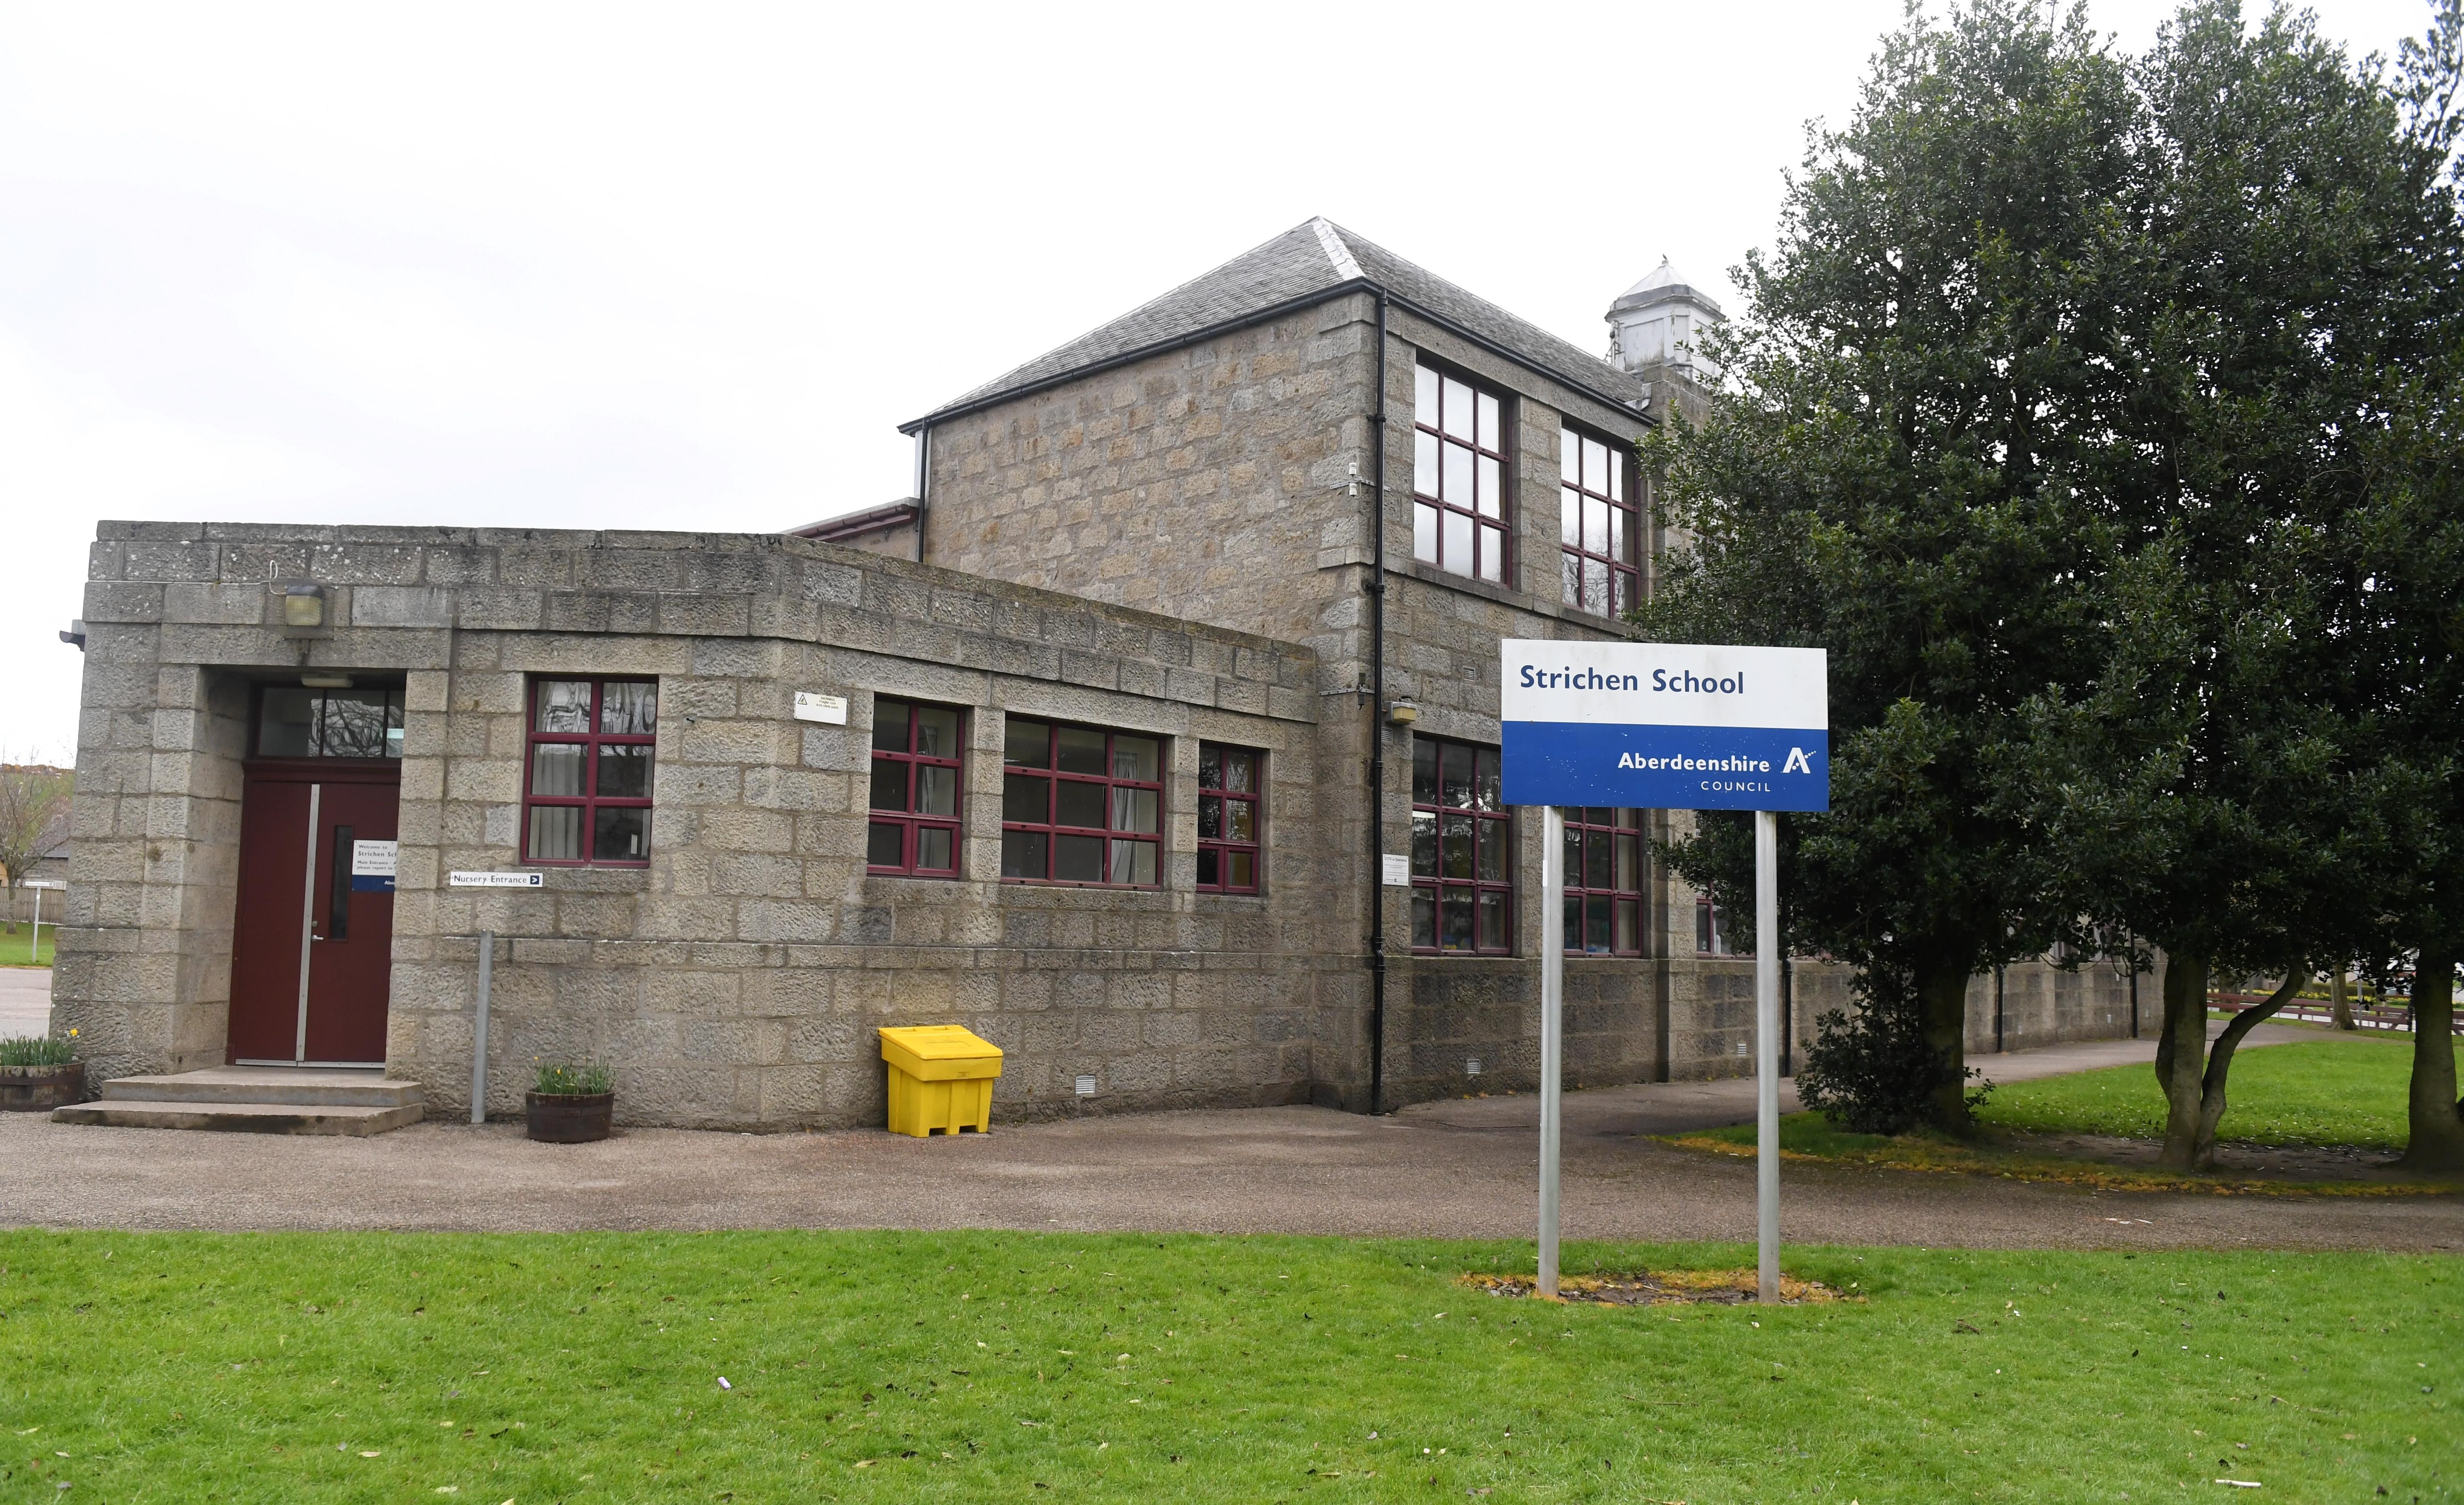 Strichen School